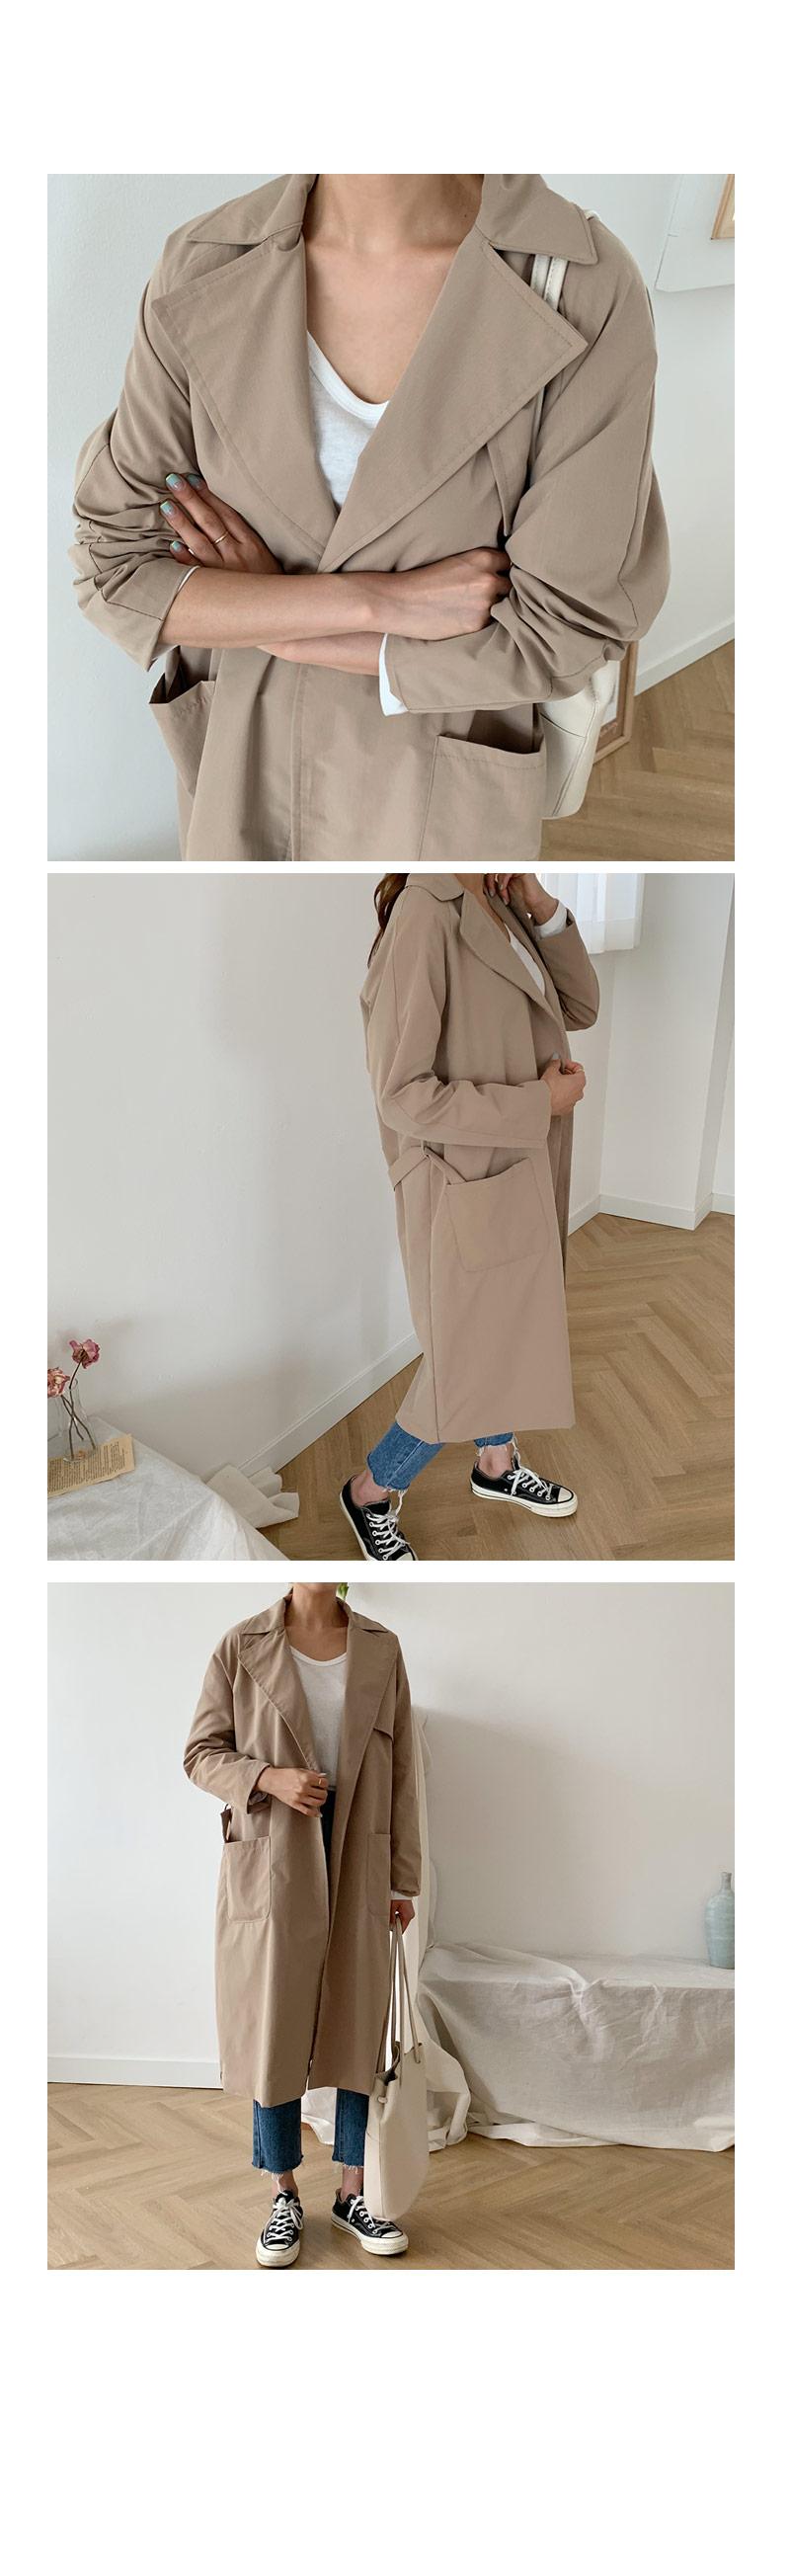 Mayron Trench Coat